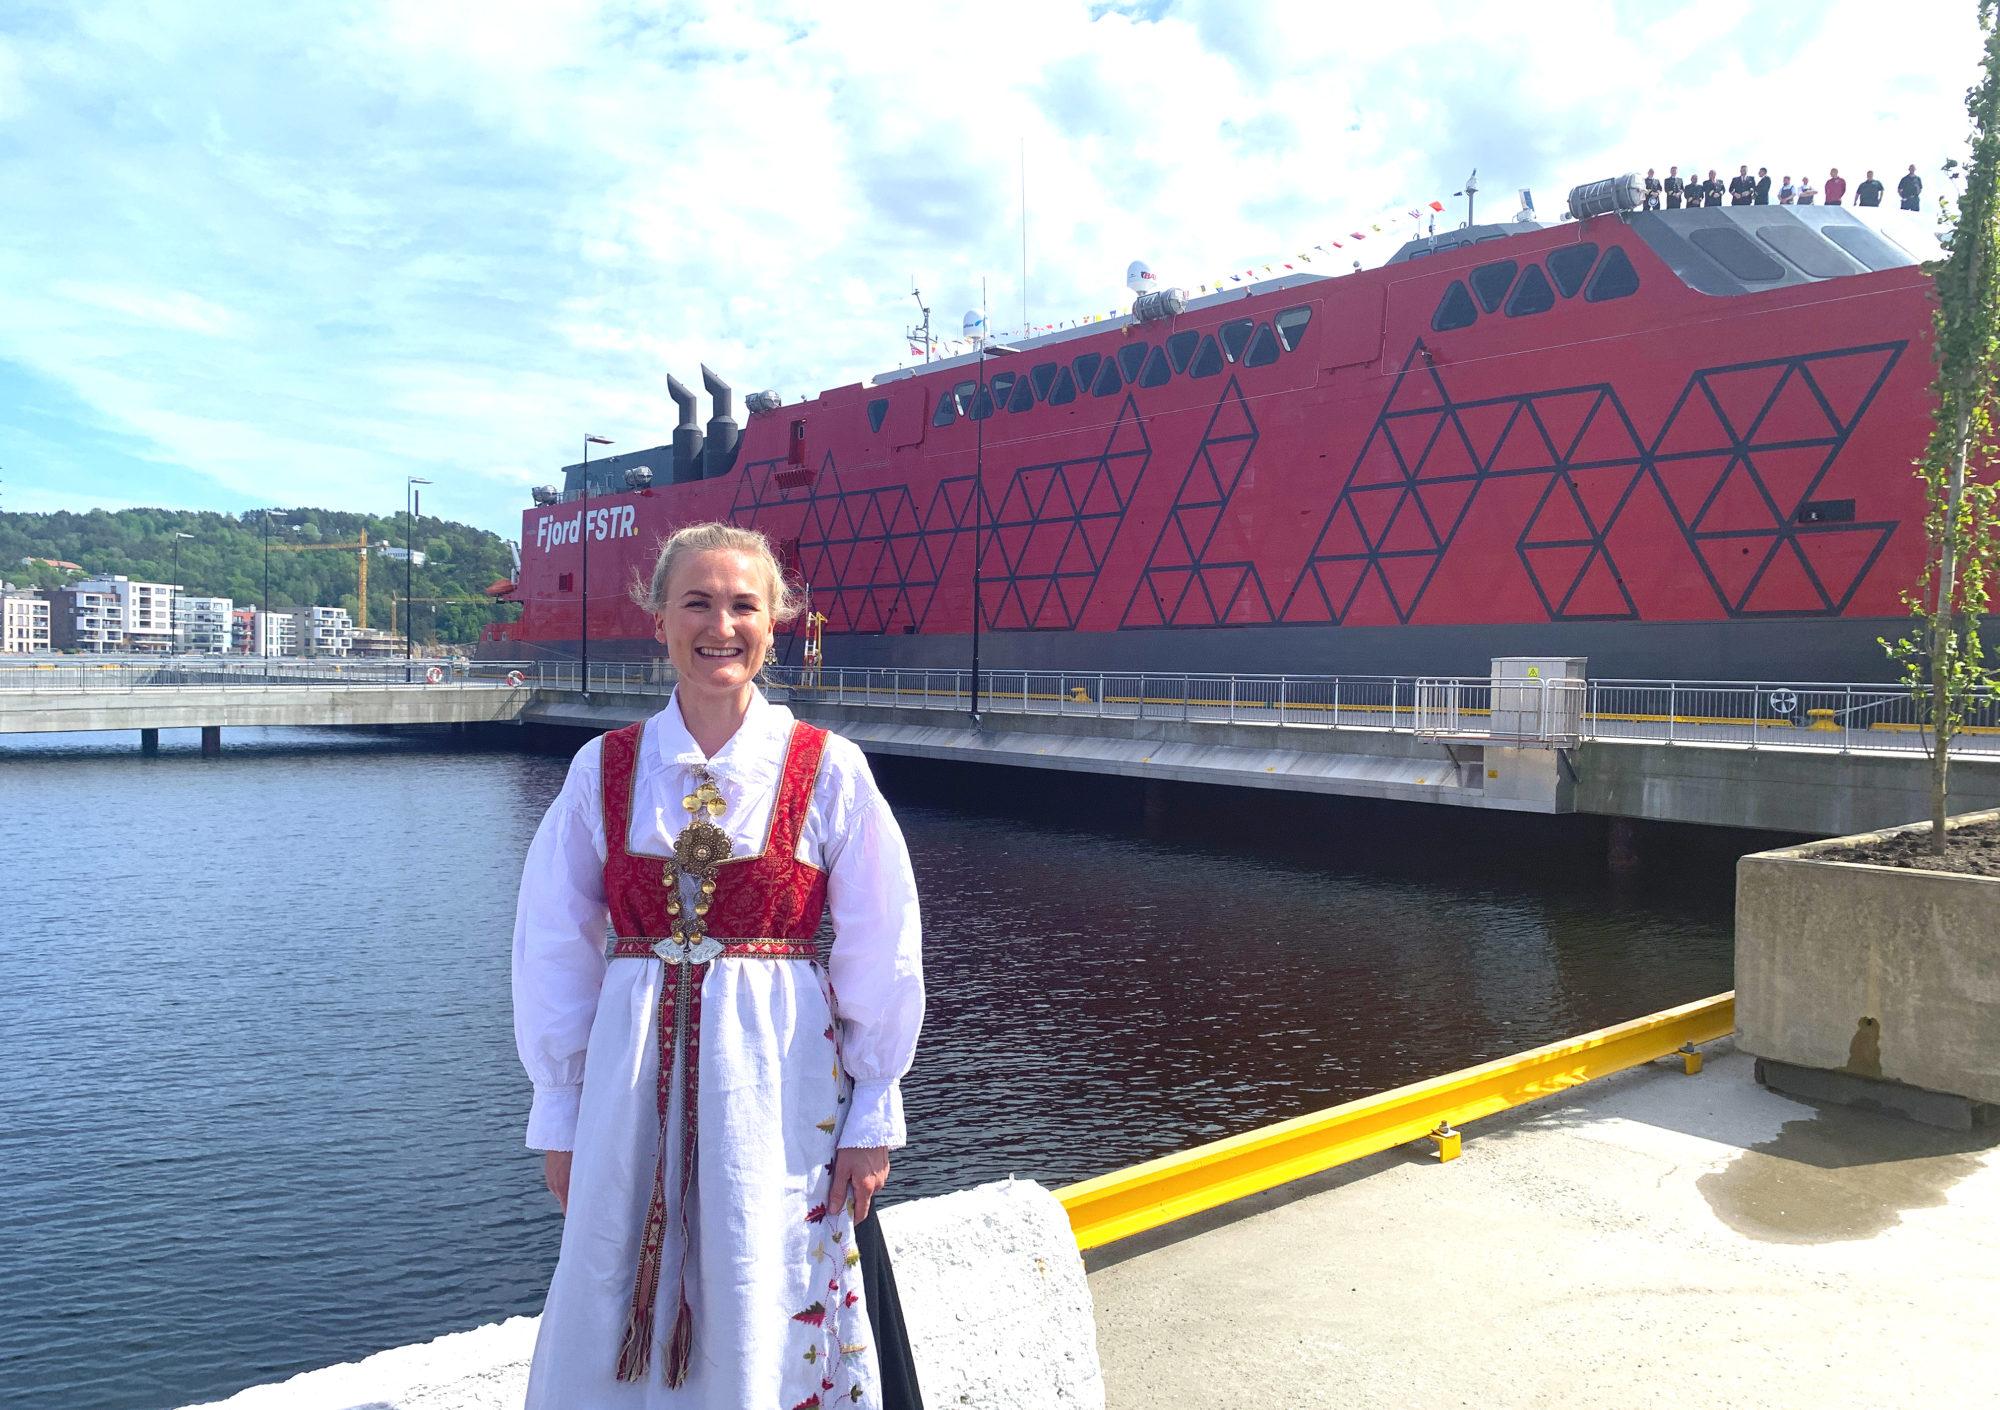 Marte poserer stolt foran Fjord FSTR Kristiansand 5. juni. Foto: Fjord Line